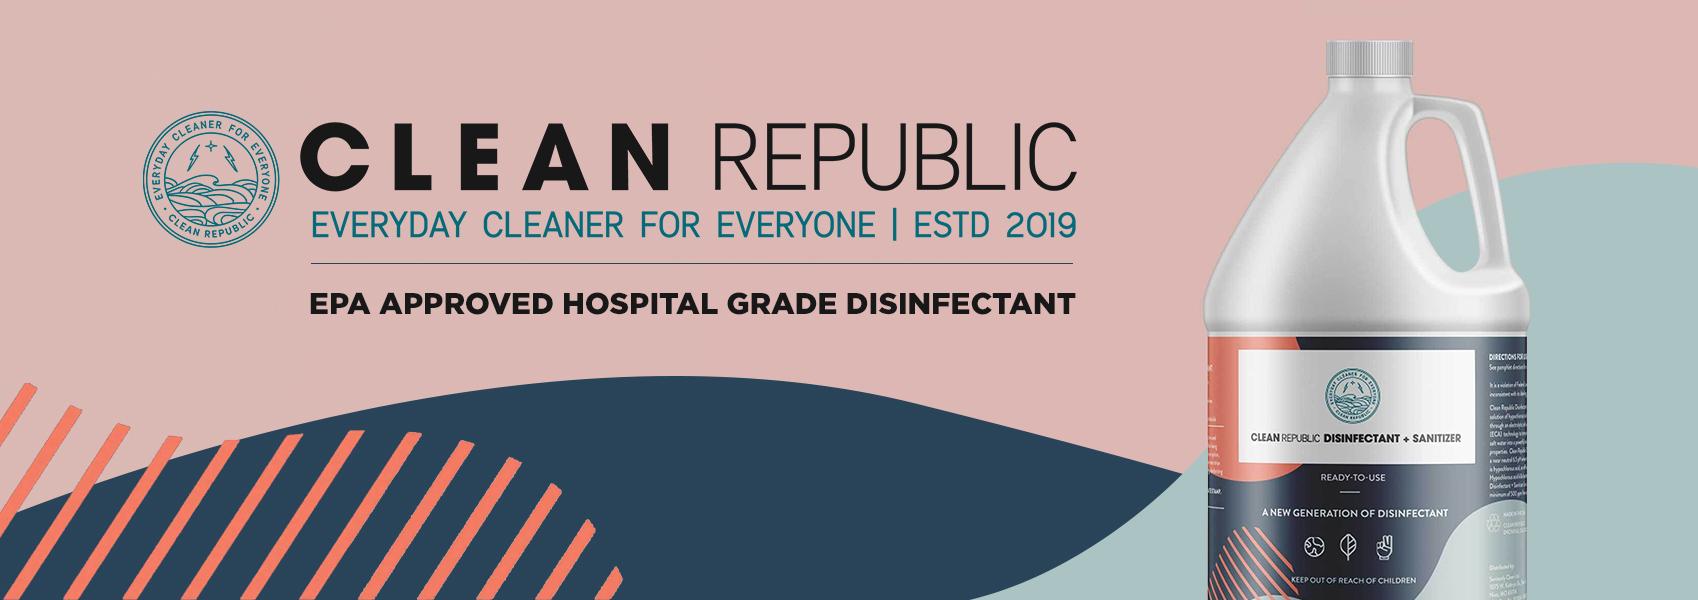 Clean Republic Disinfectant